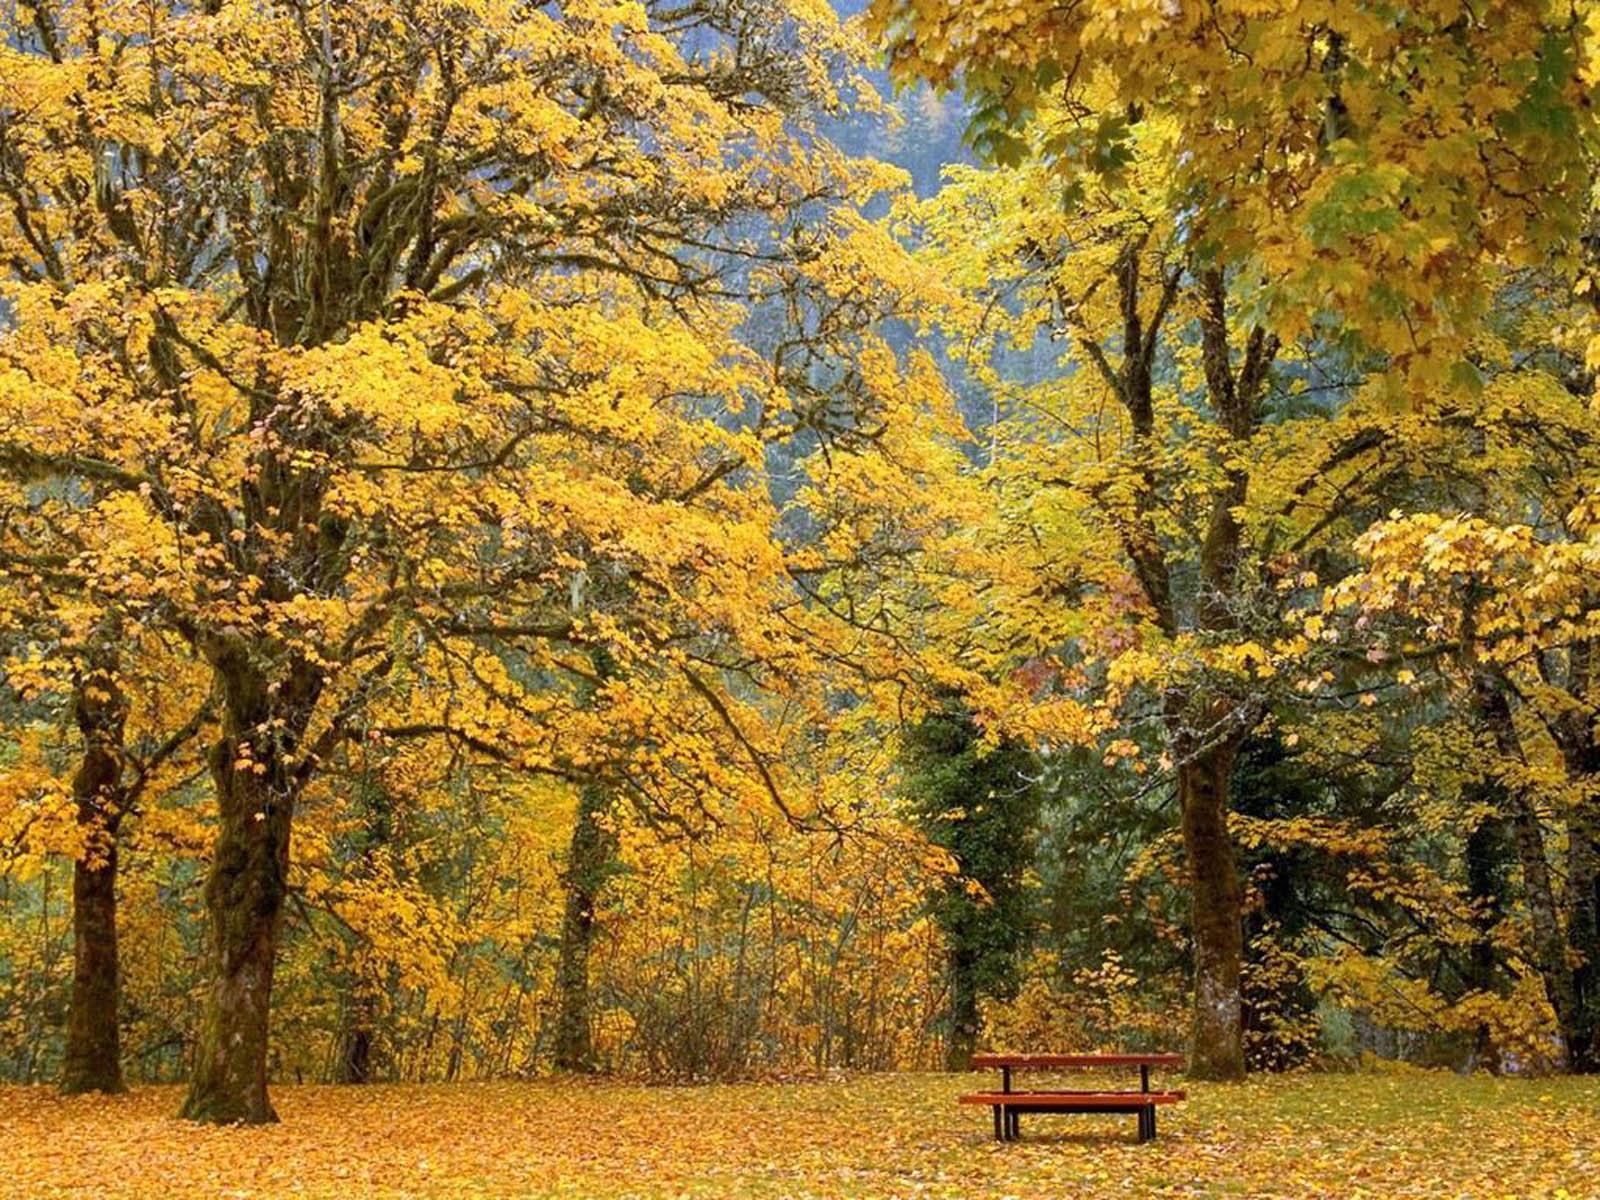 Desktop Wallpapers Beautiful Autumn Scenery Desktop Backgrounds 1600x1200